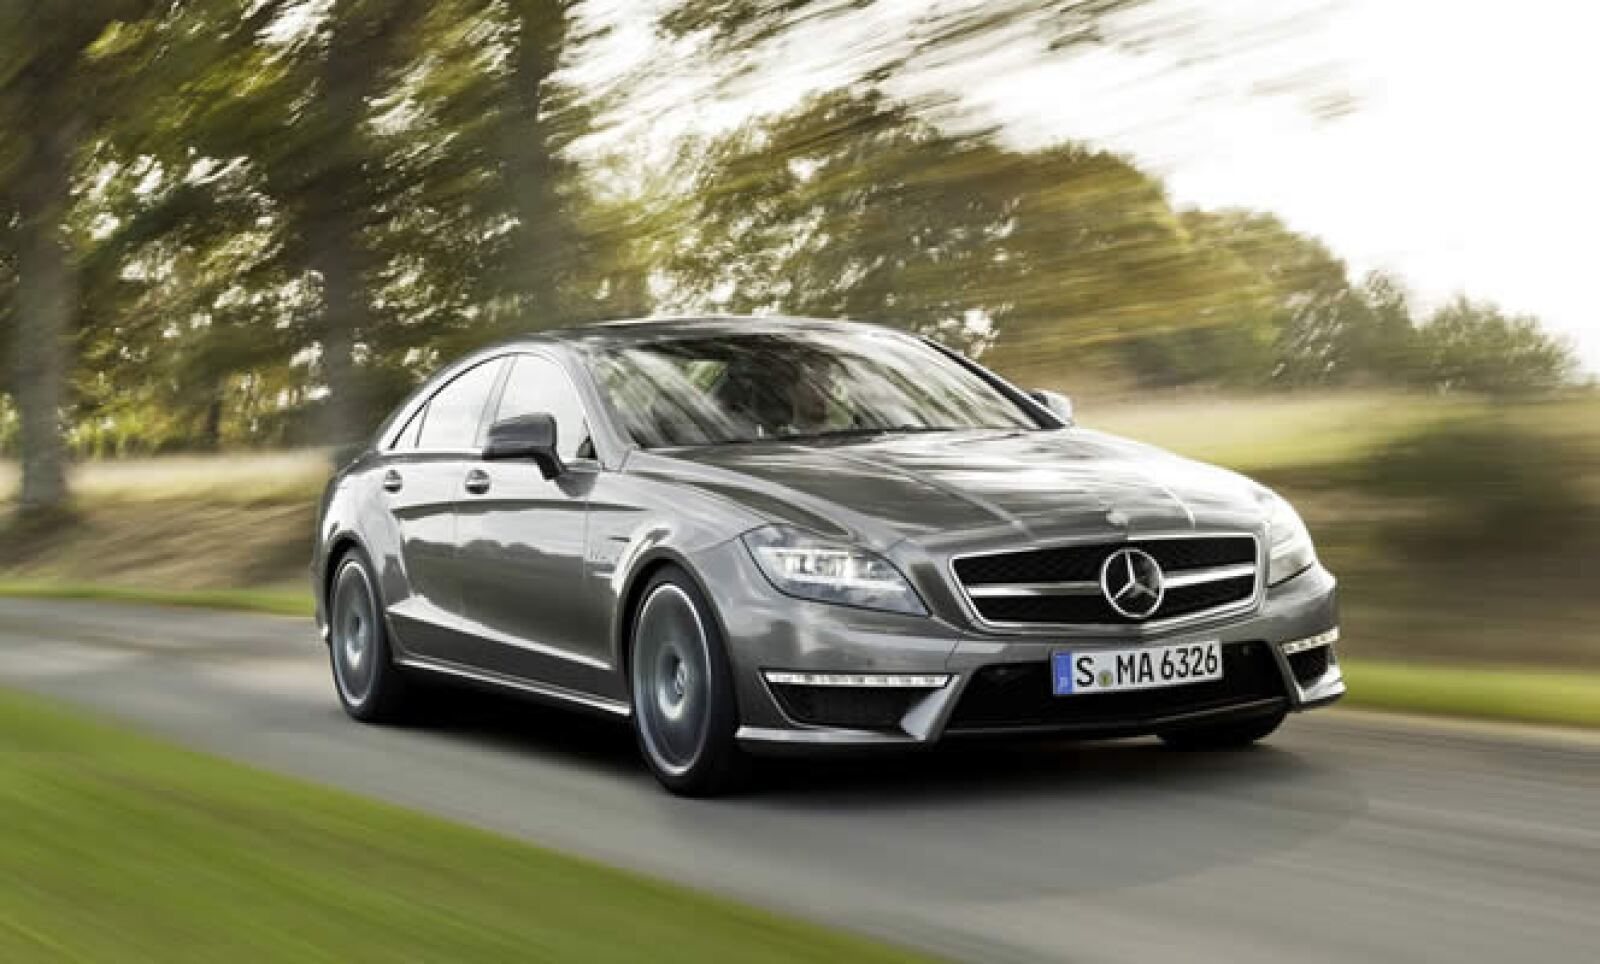 La nueva variante del Mercedes-Benz CLS, con tecnología AMG, representa el modelo más avanzado dentro de su gama, con un motor retocado e interiores de lujo.